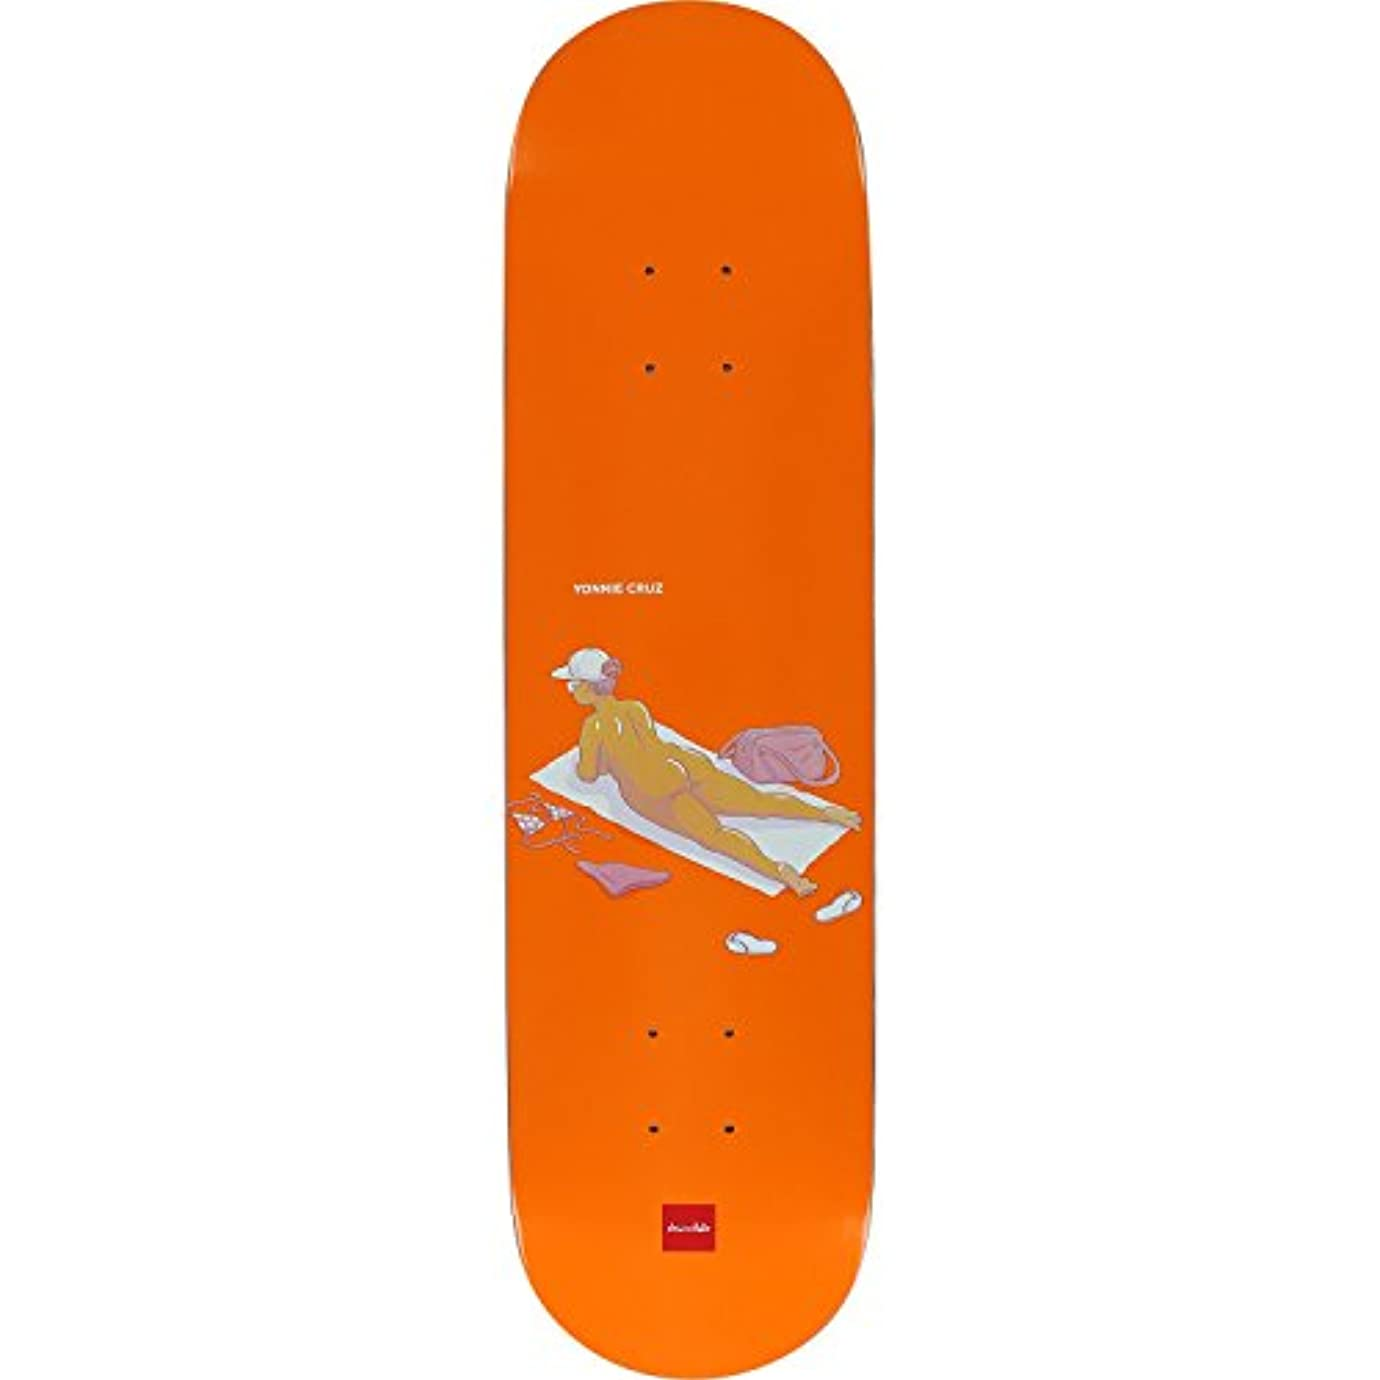 宣言放射能レギュラーChocolate Cruz Sun Bathers Deck -8.0 - 完全スケートボードの組み立て品